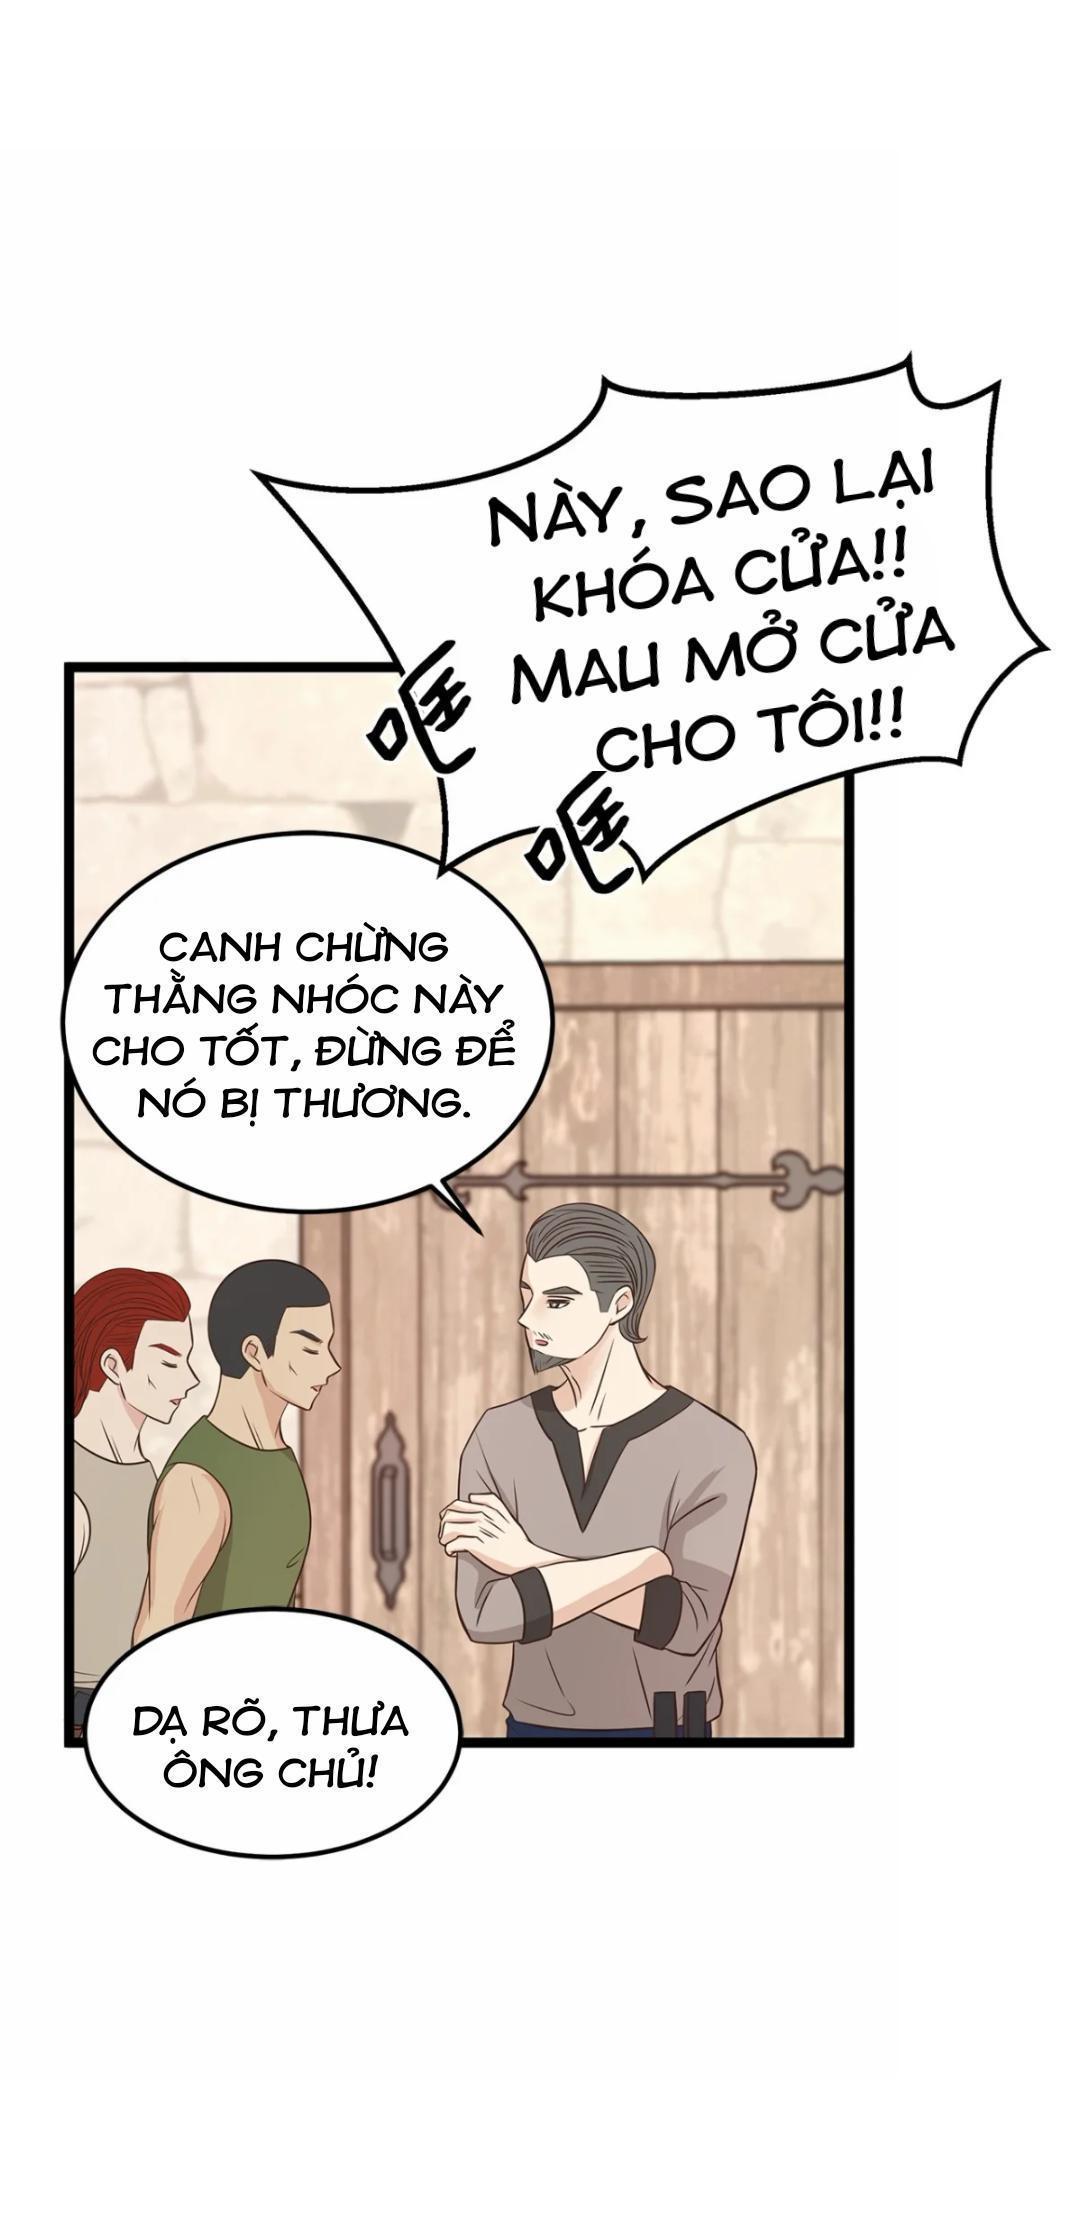 Đừng như vậy, Hoàng Thái Tử điện hạ!: Chapter 6 (Ad Chết Trôi có hứng làm lại)